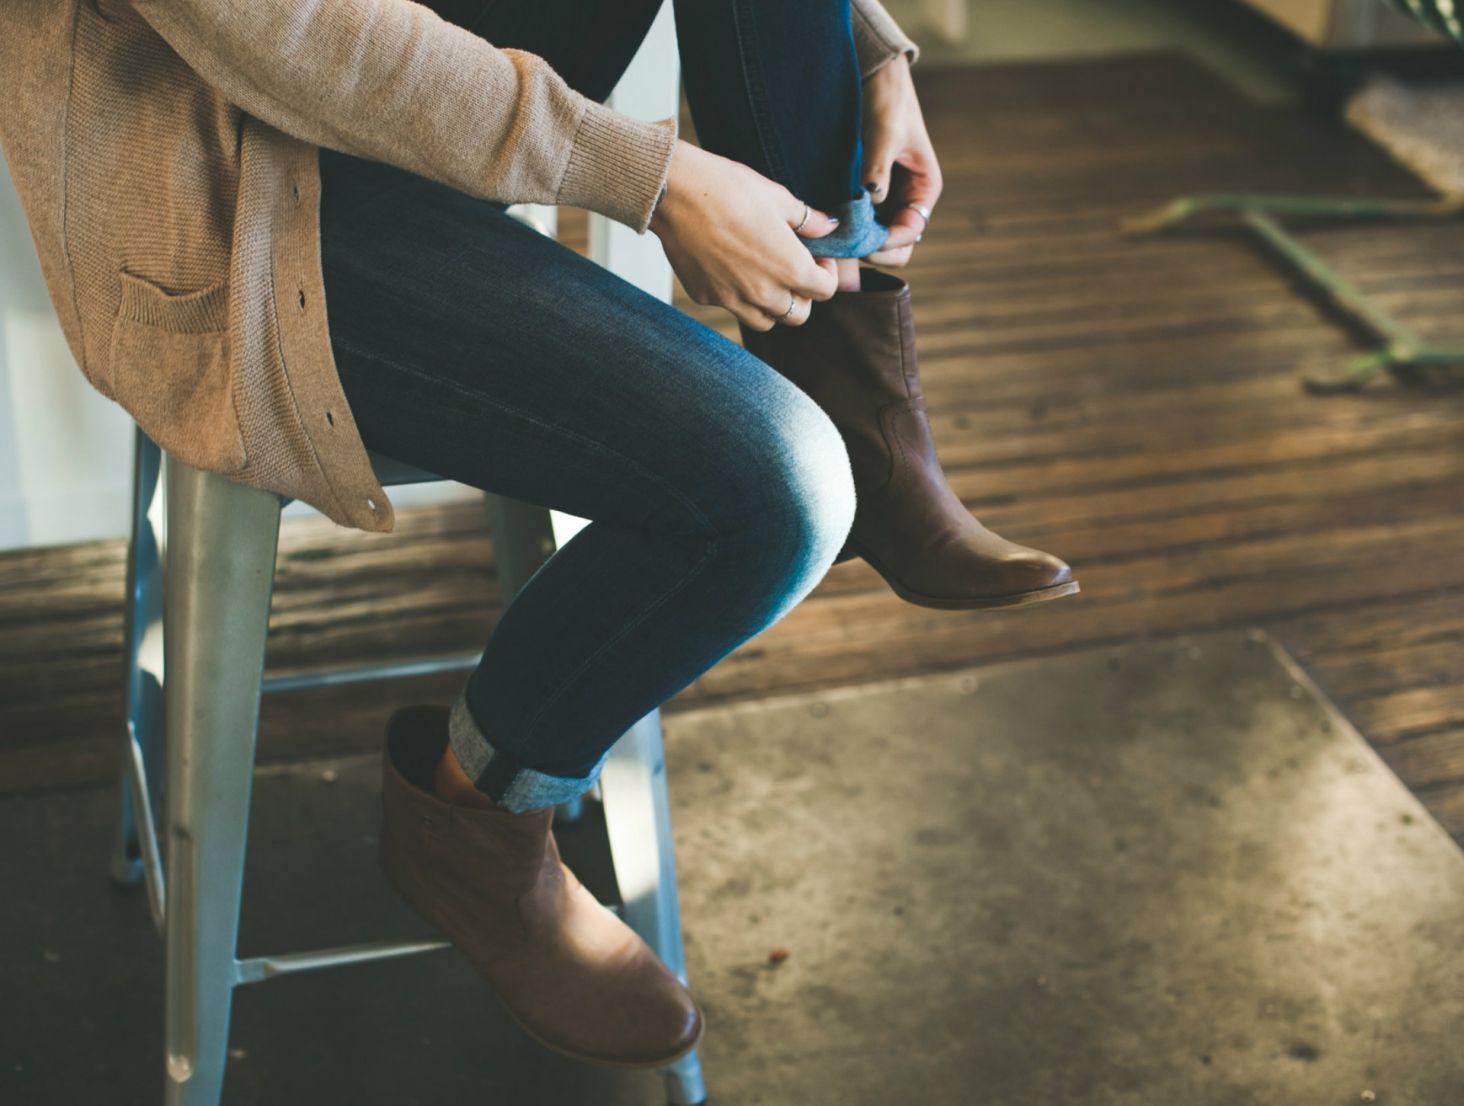 Co założyć zamiast szpilek do pracy? Wygodne buty w